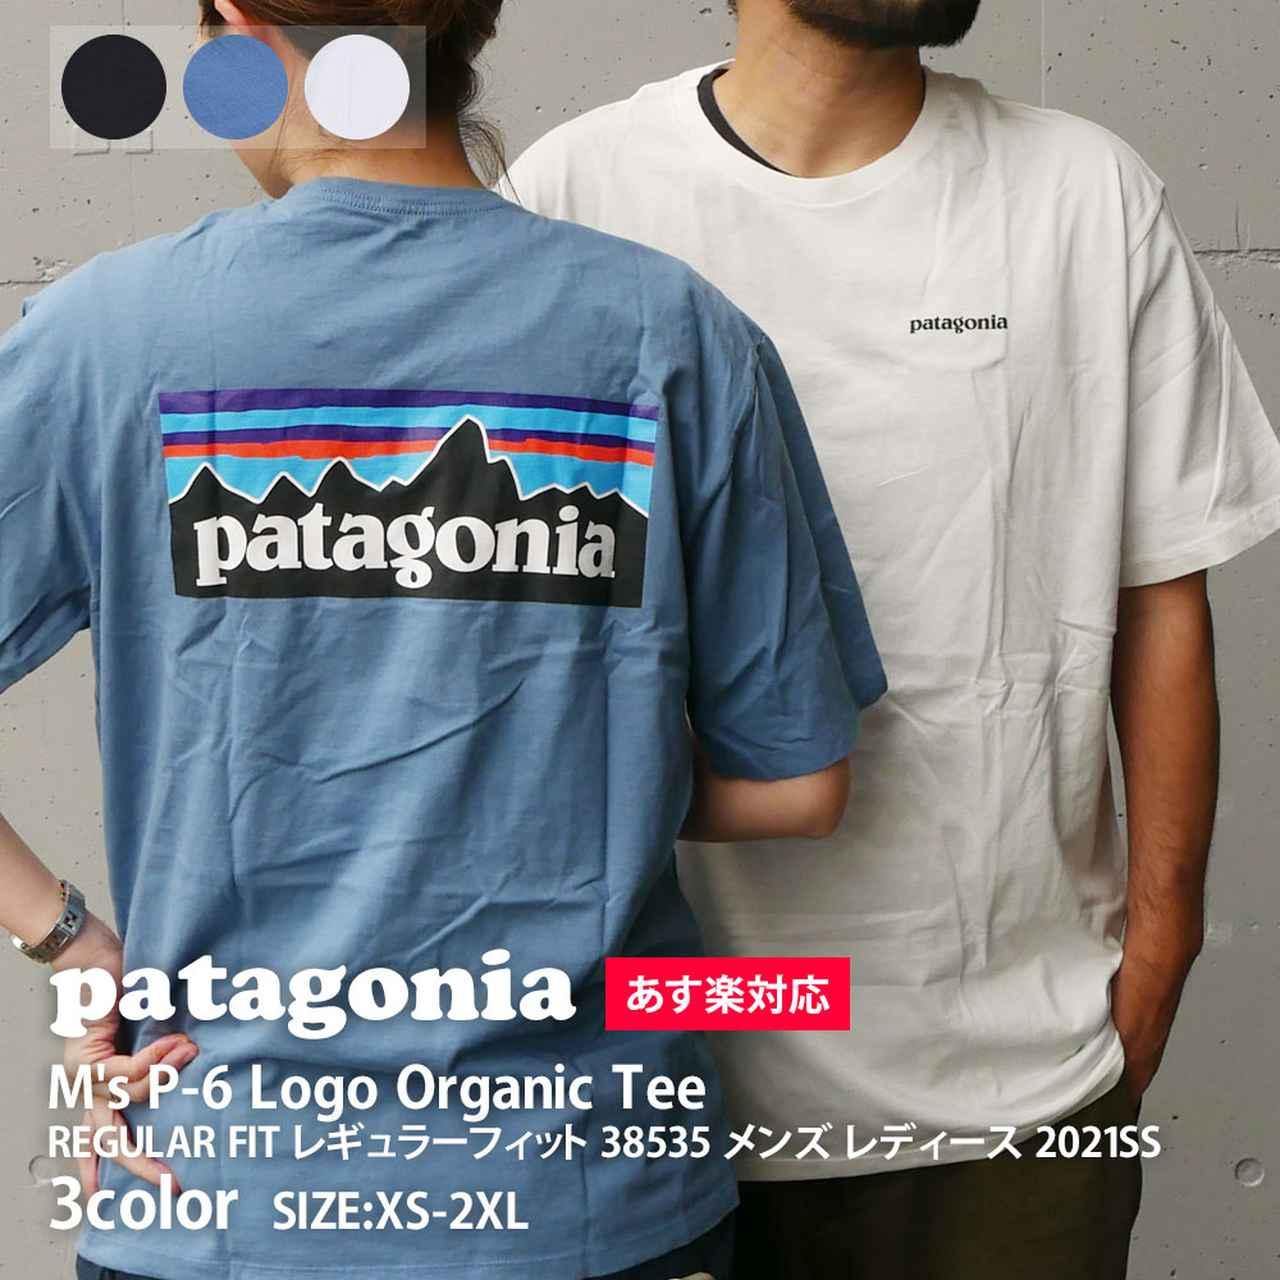 画像3: 結局Tシャツはパタゴニア!キャンプライターが365日着れるPatagonia Tシャツの魅力を徹底解説